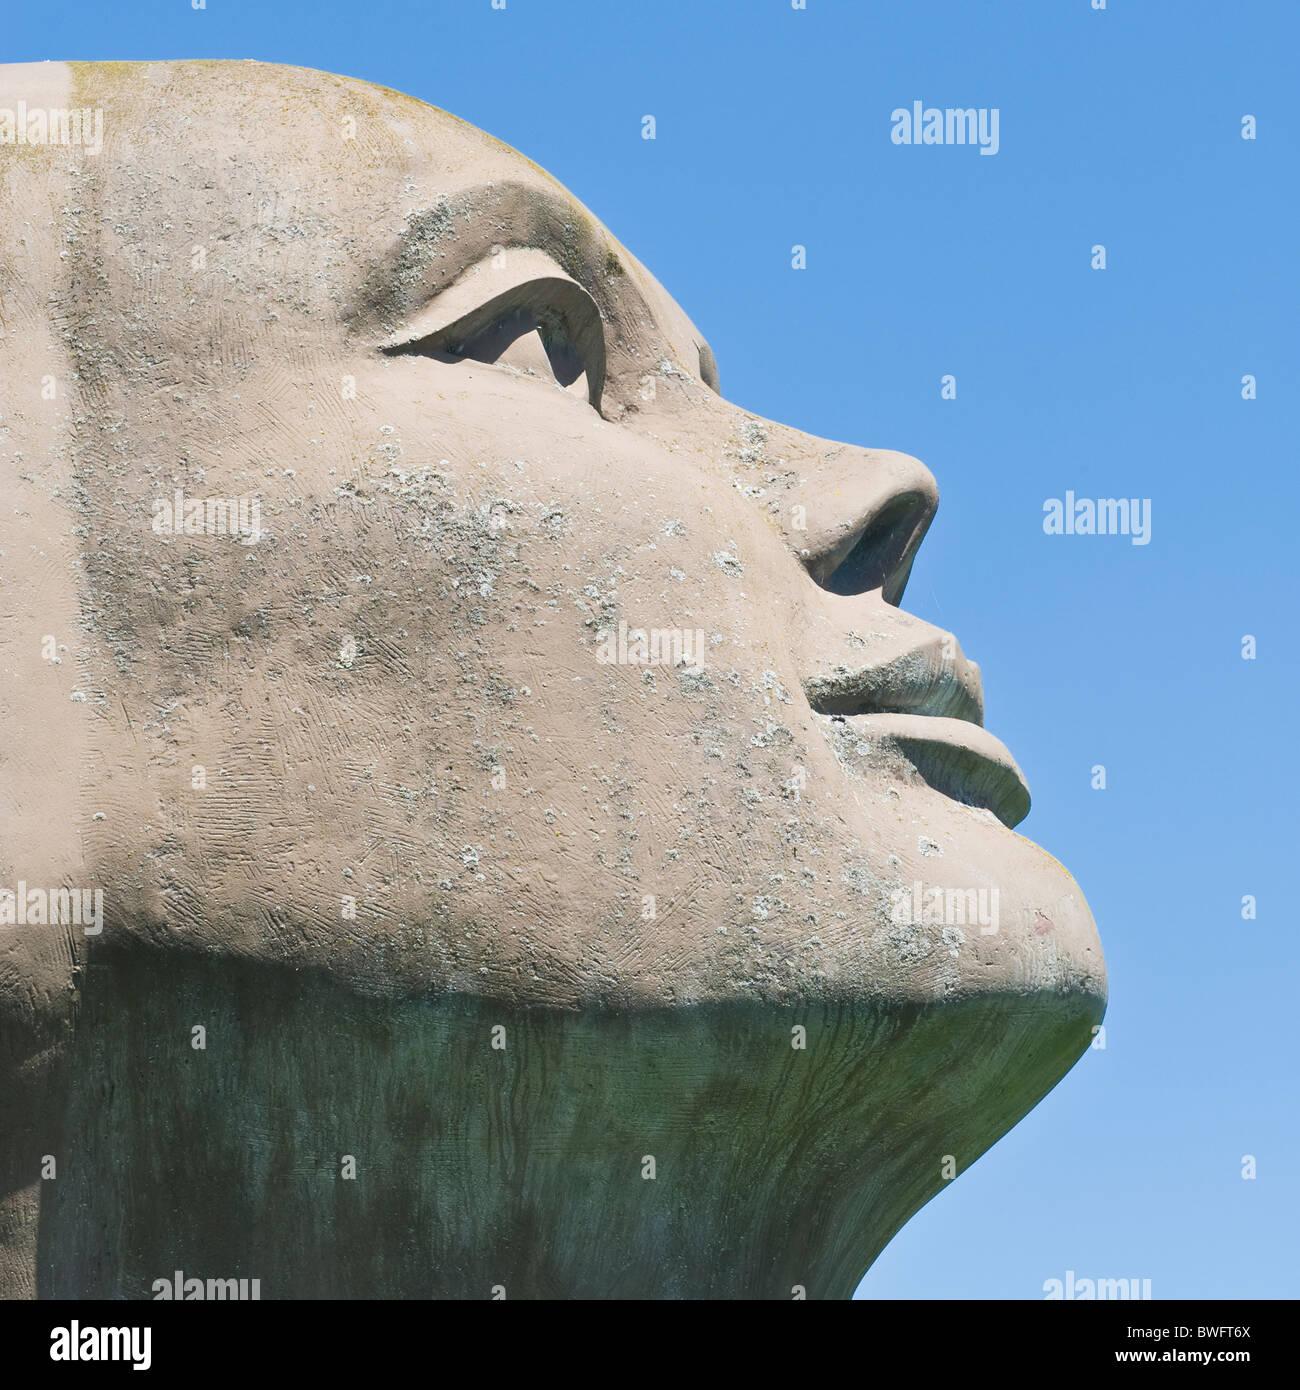 Blik Van Licht, Statue von Charles Delporte, Damme, flämische Region, Belgien Stockbild